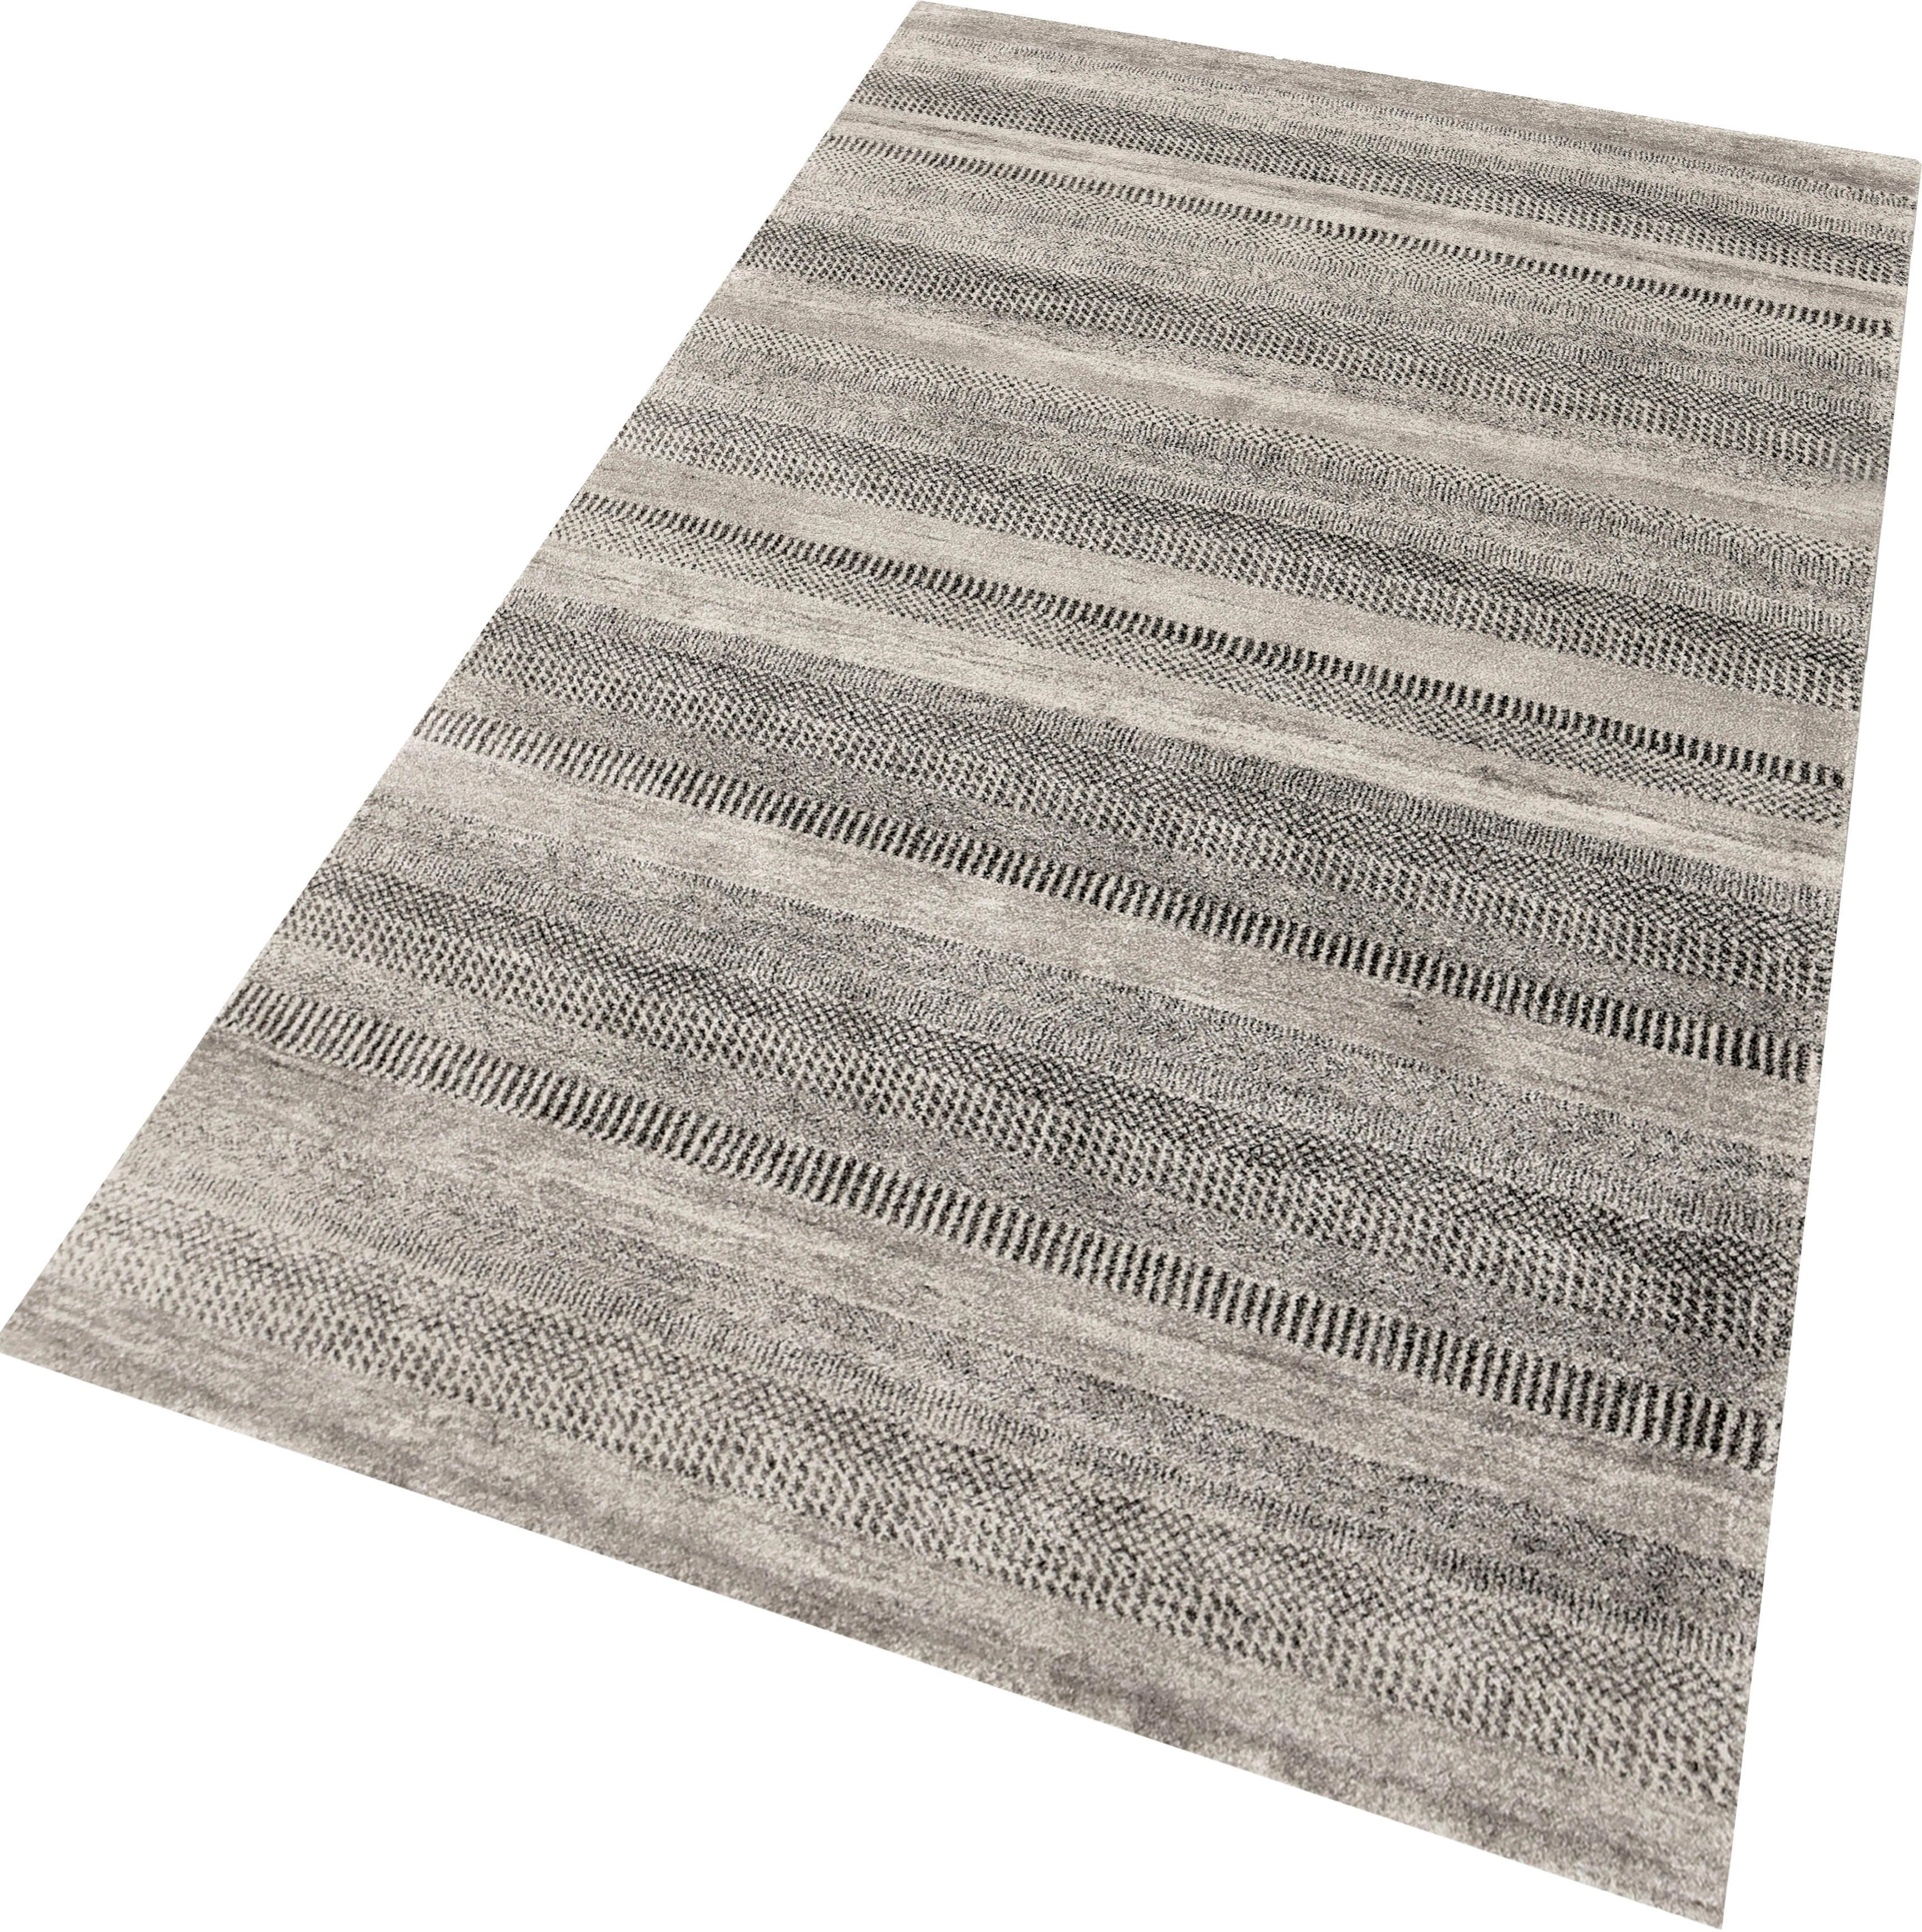 Teppich Milano 1451 merinos rechteckig Höhe 10 mm maschinell gewebt